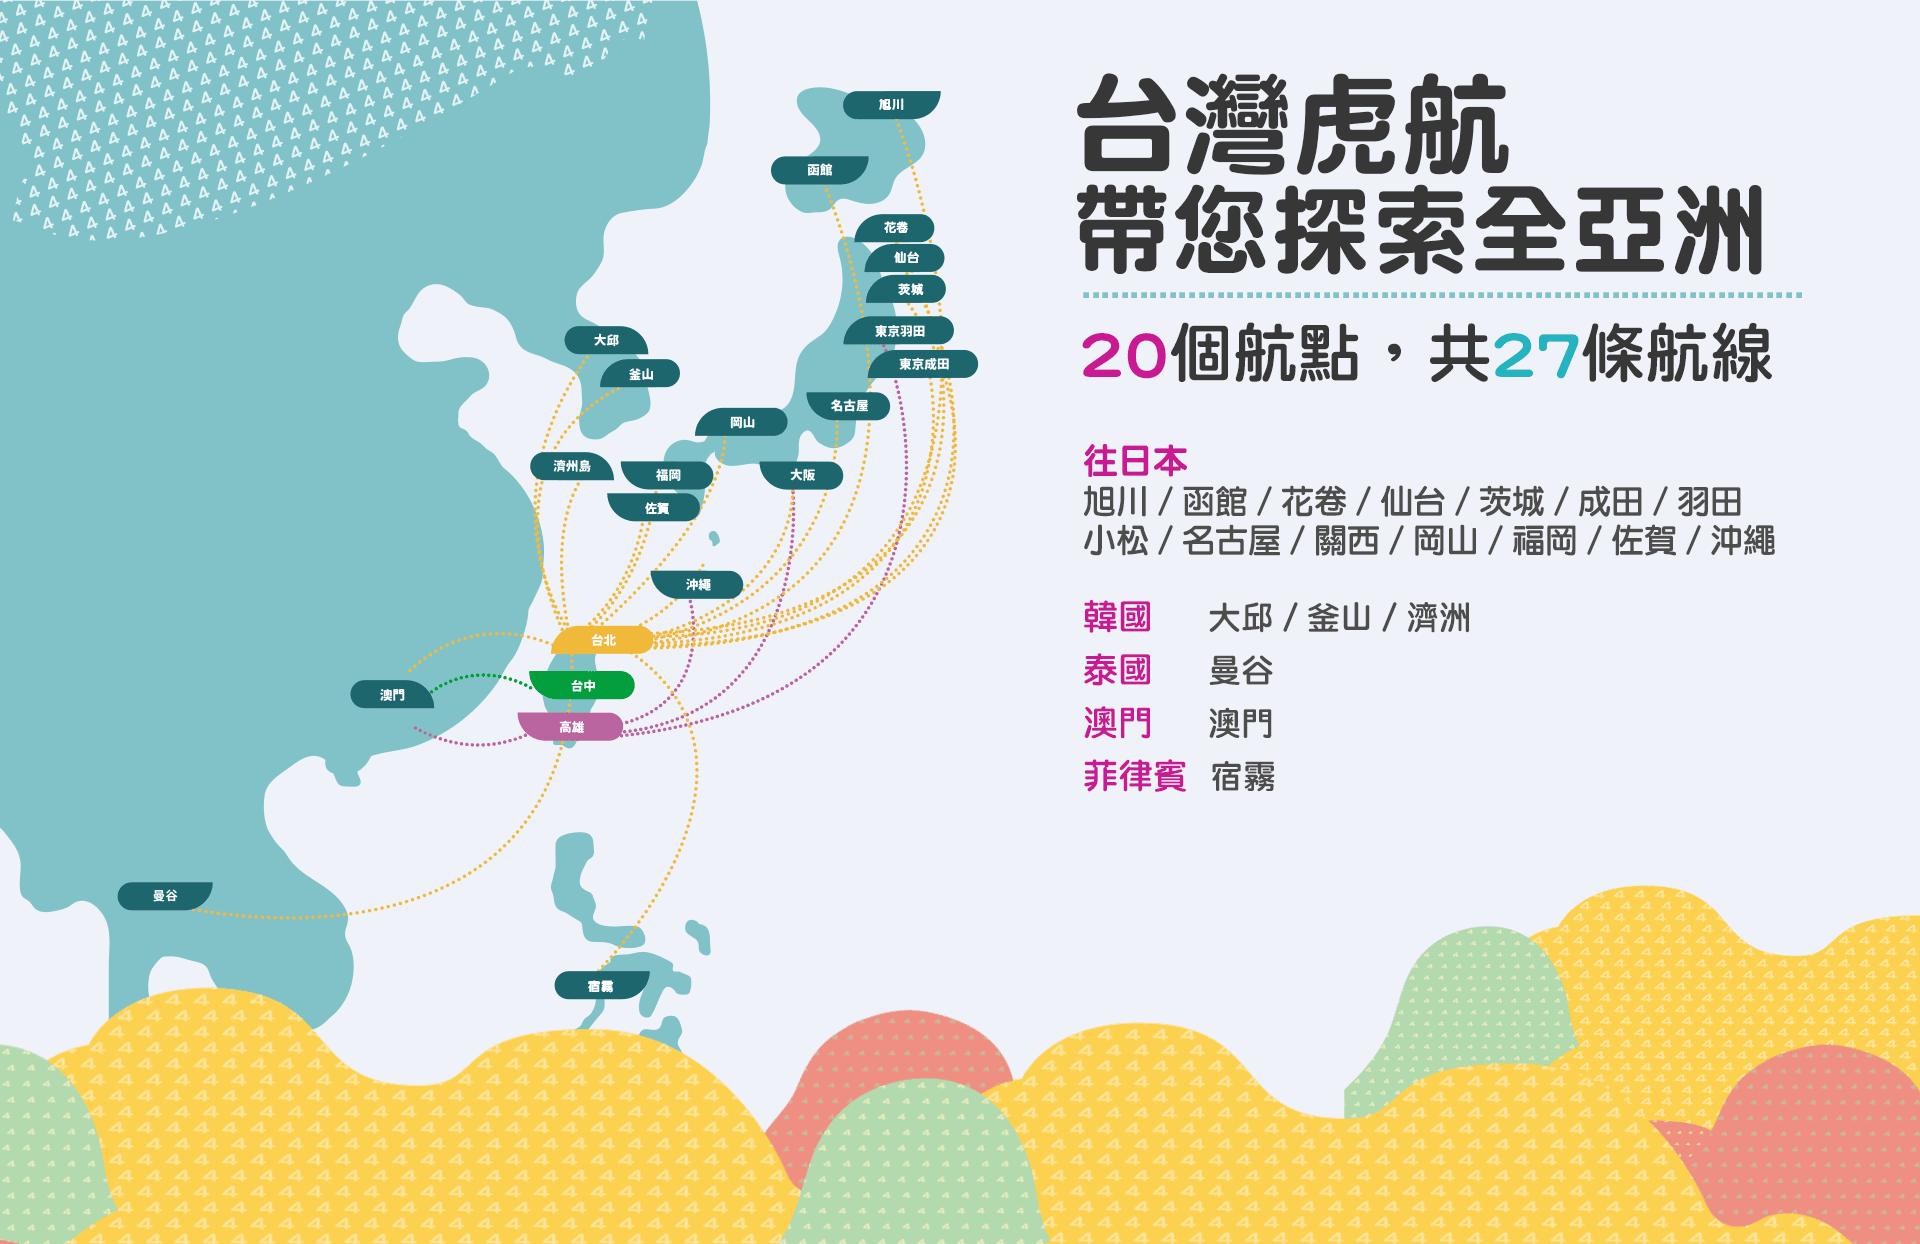 台灣虎航 2018 全航線